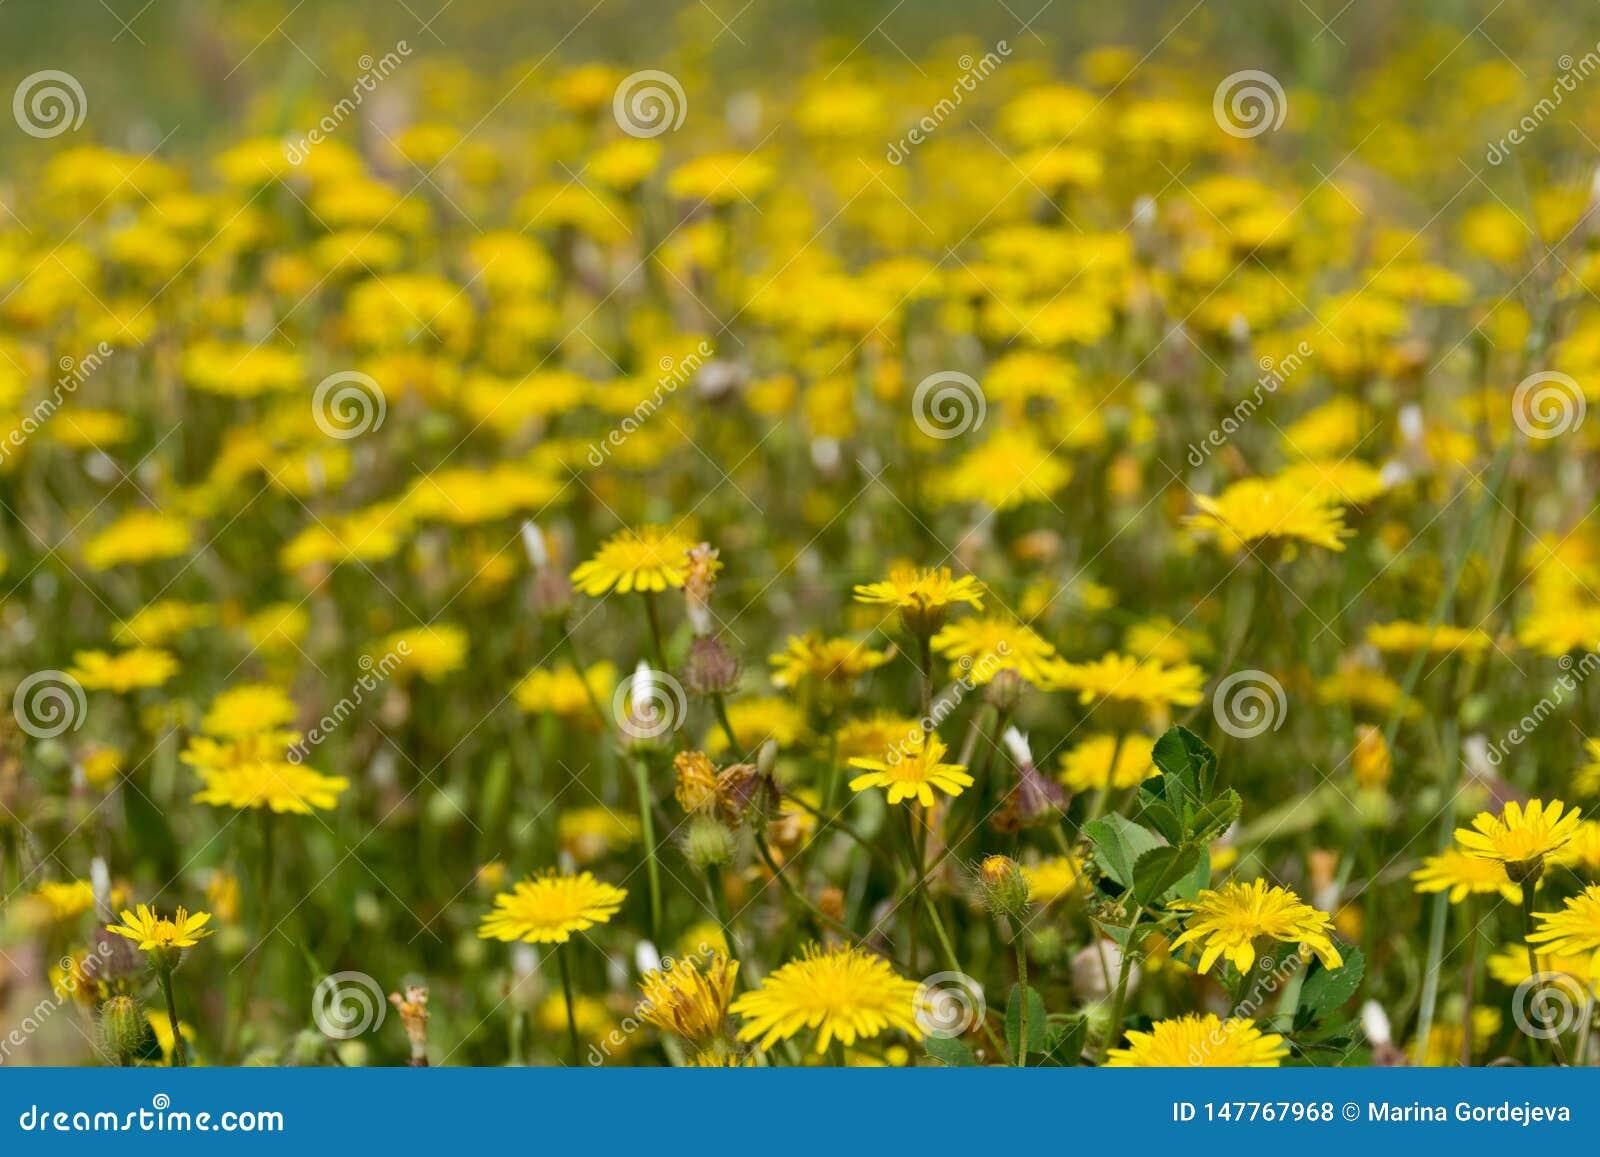 Heel wat gele paardebloemen op het de lentegebied